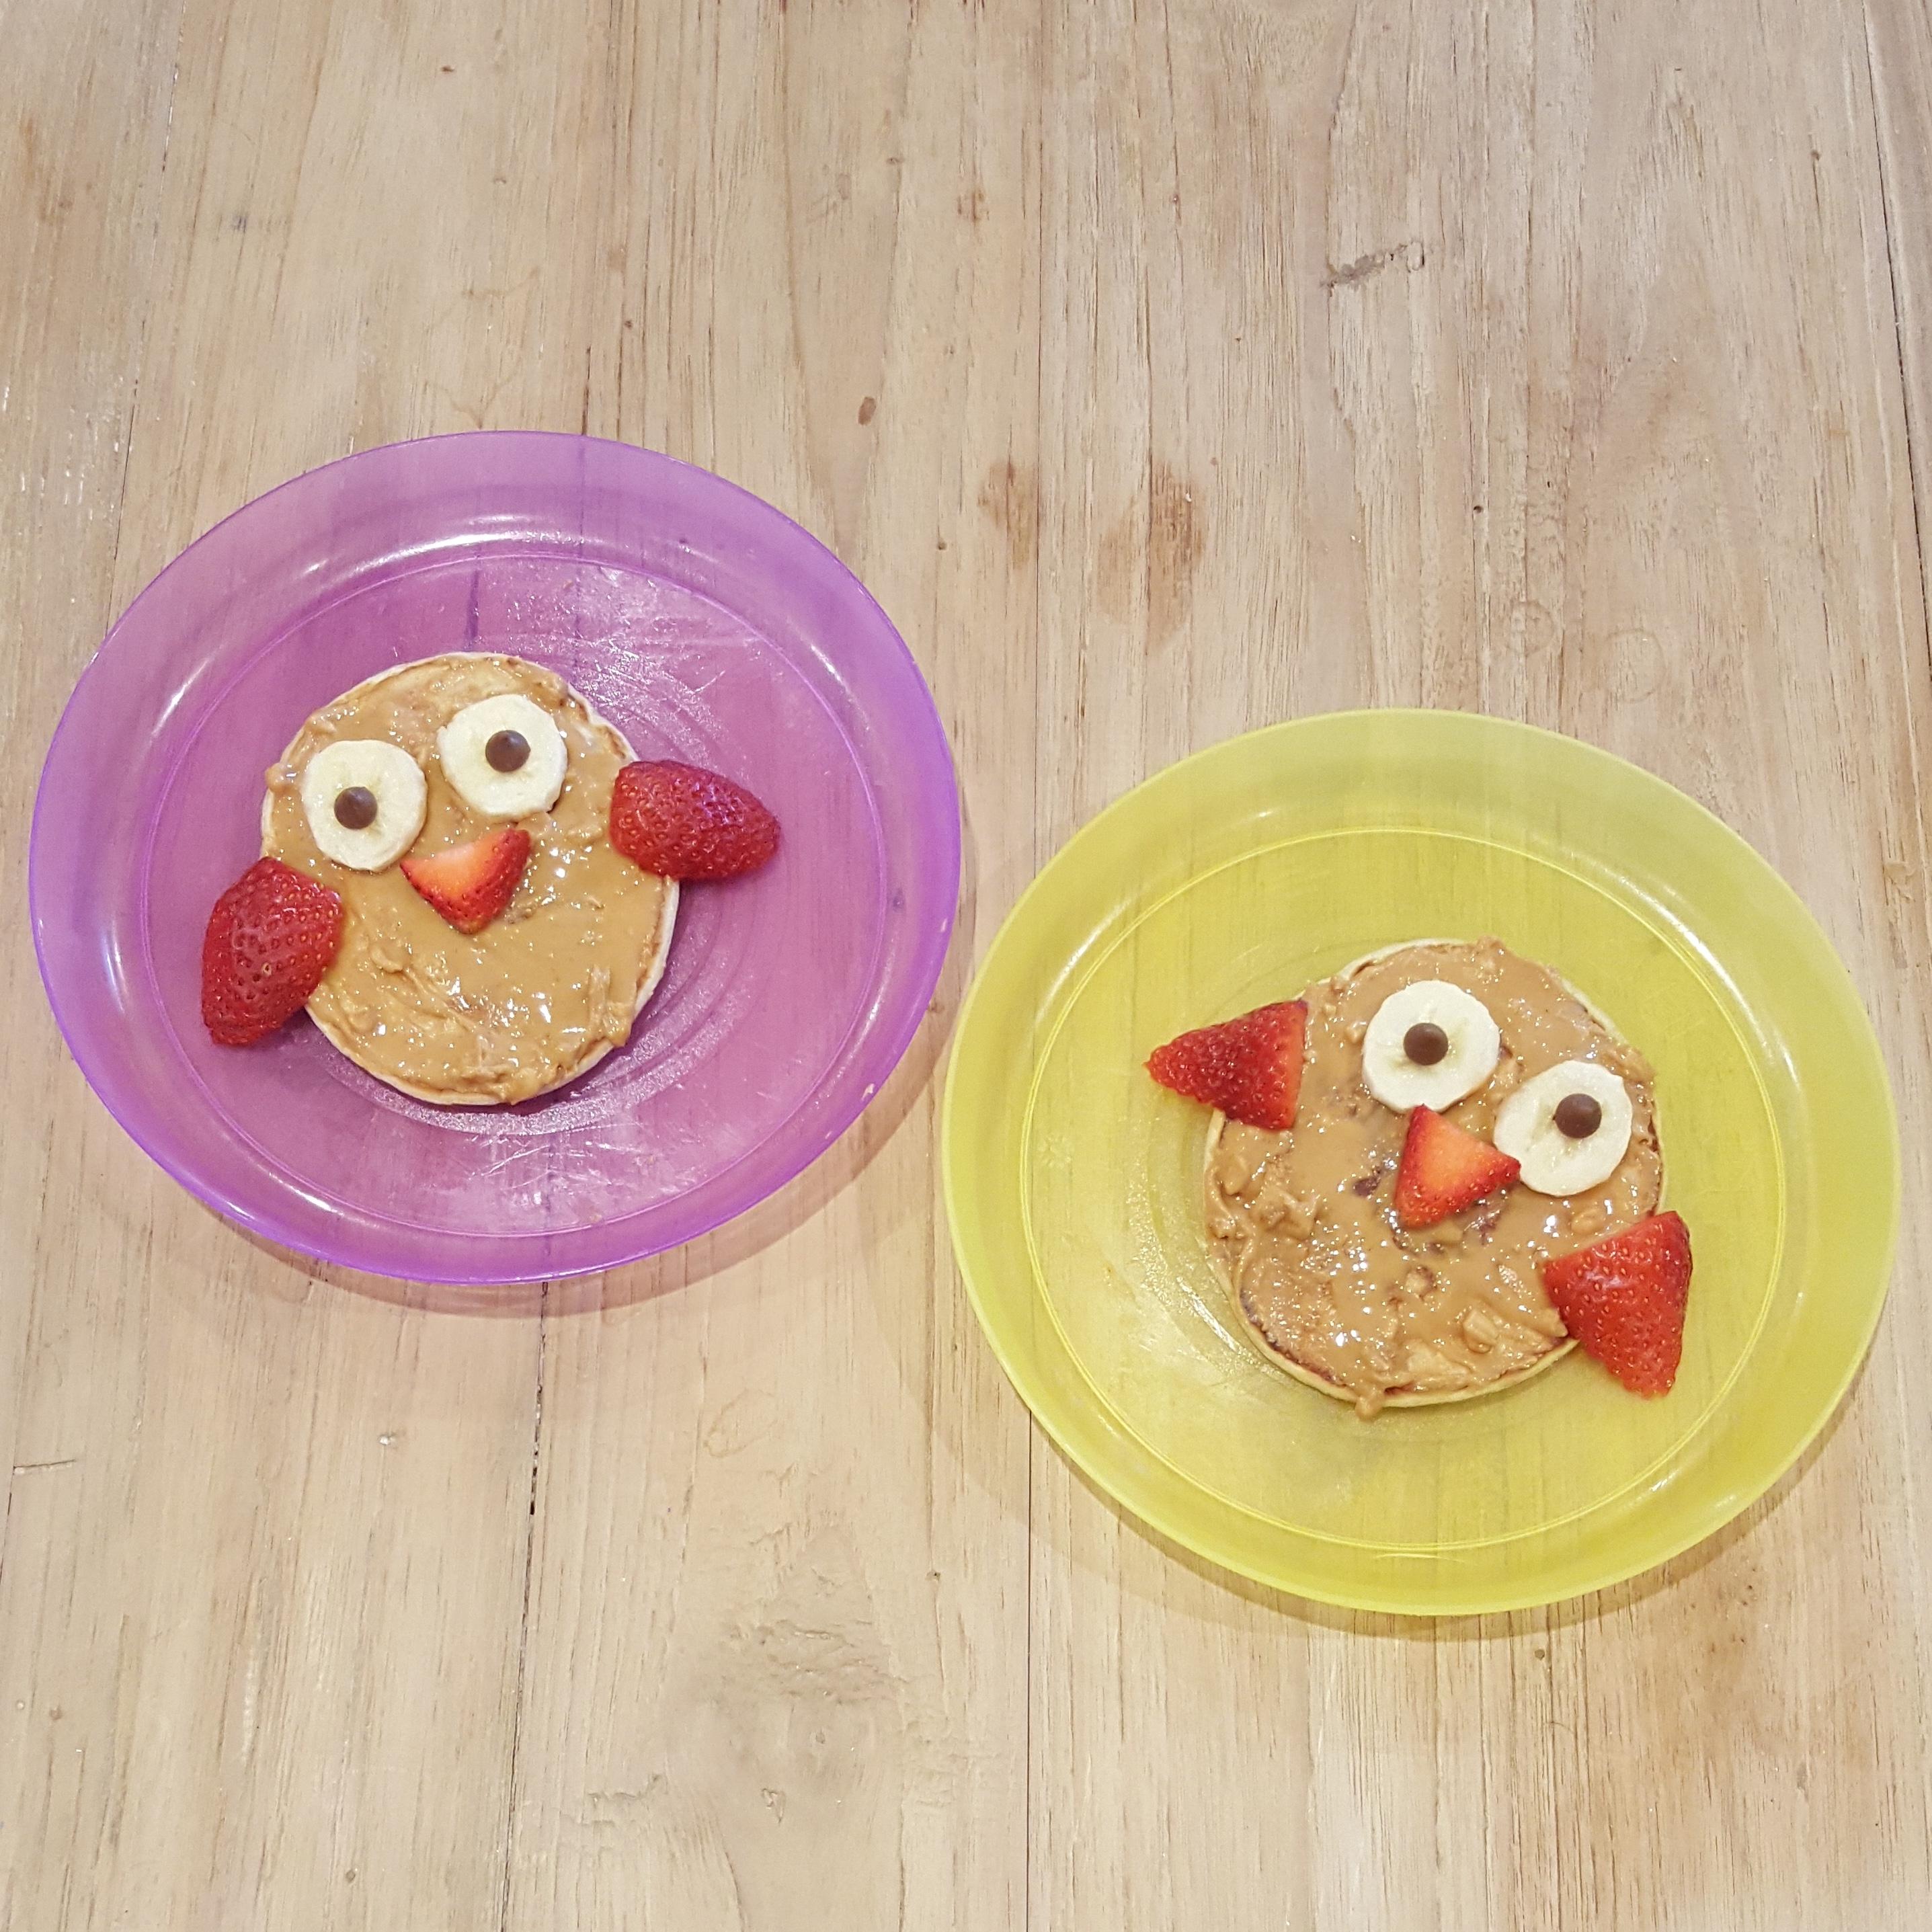 Fun Pancakes for Kids - 3 Ways